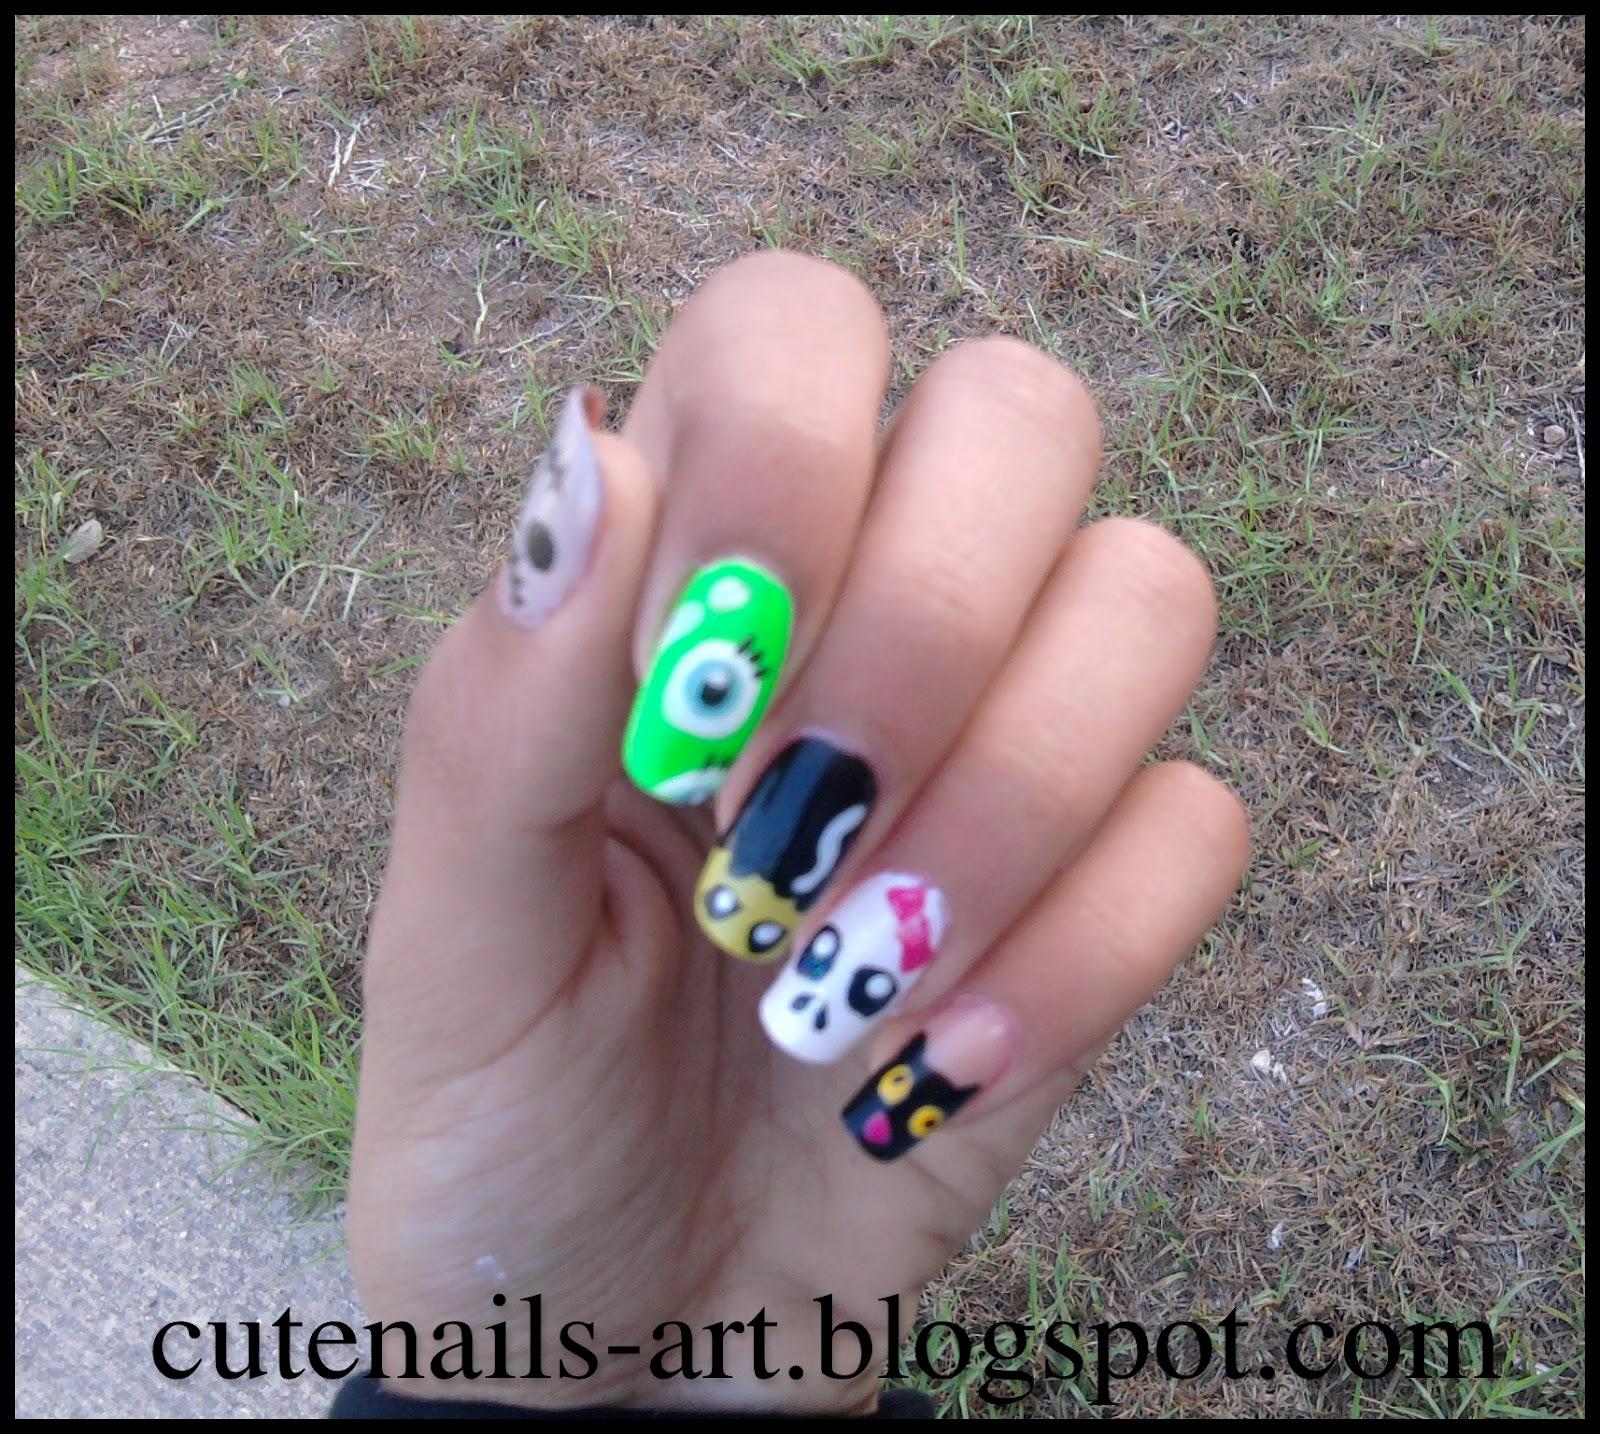 cutenails-art: cute monsters nail art